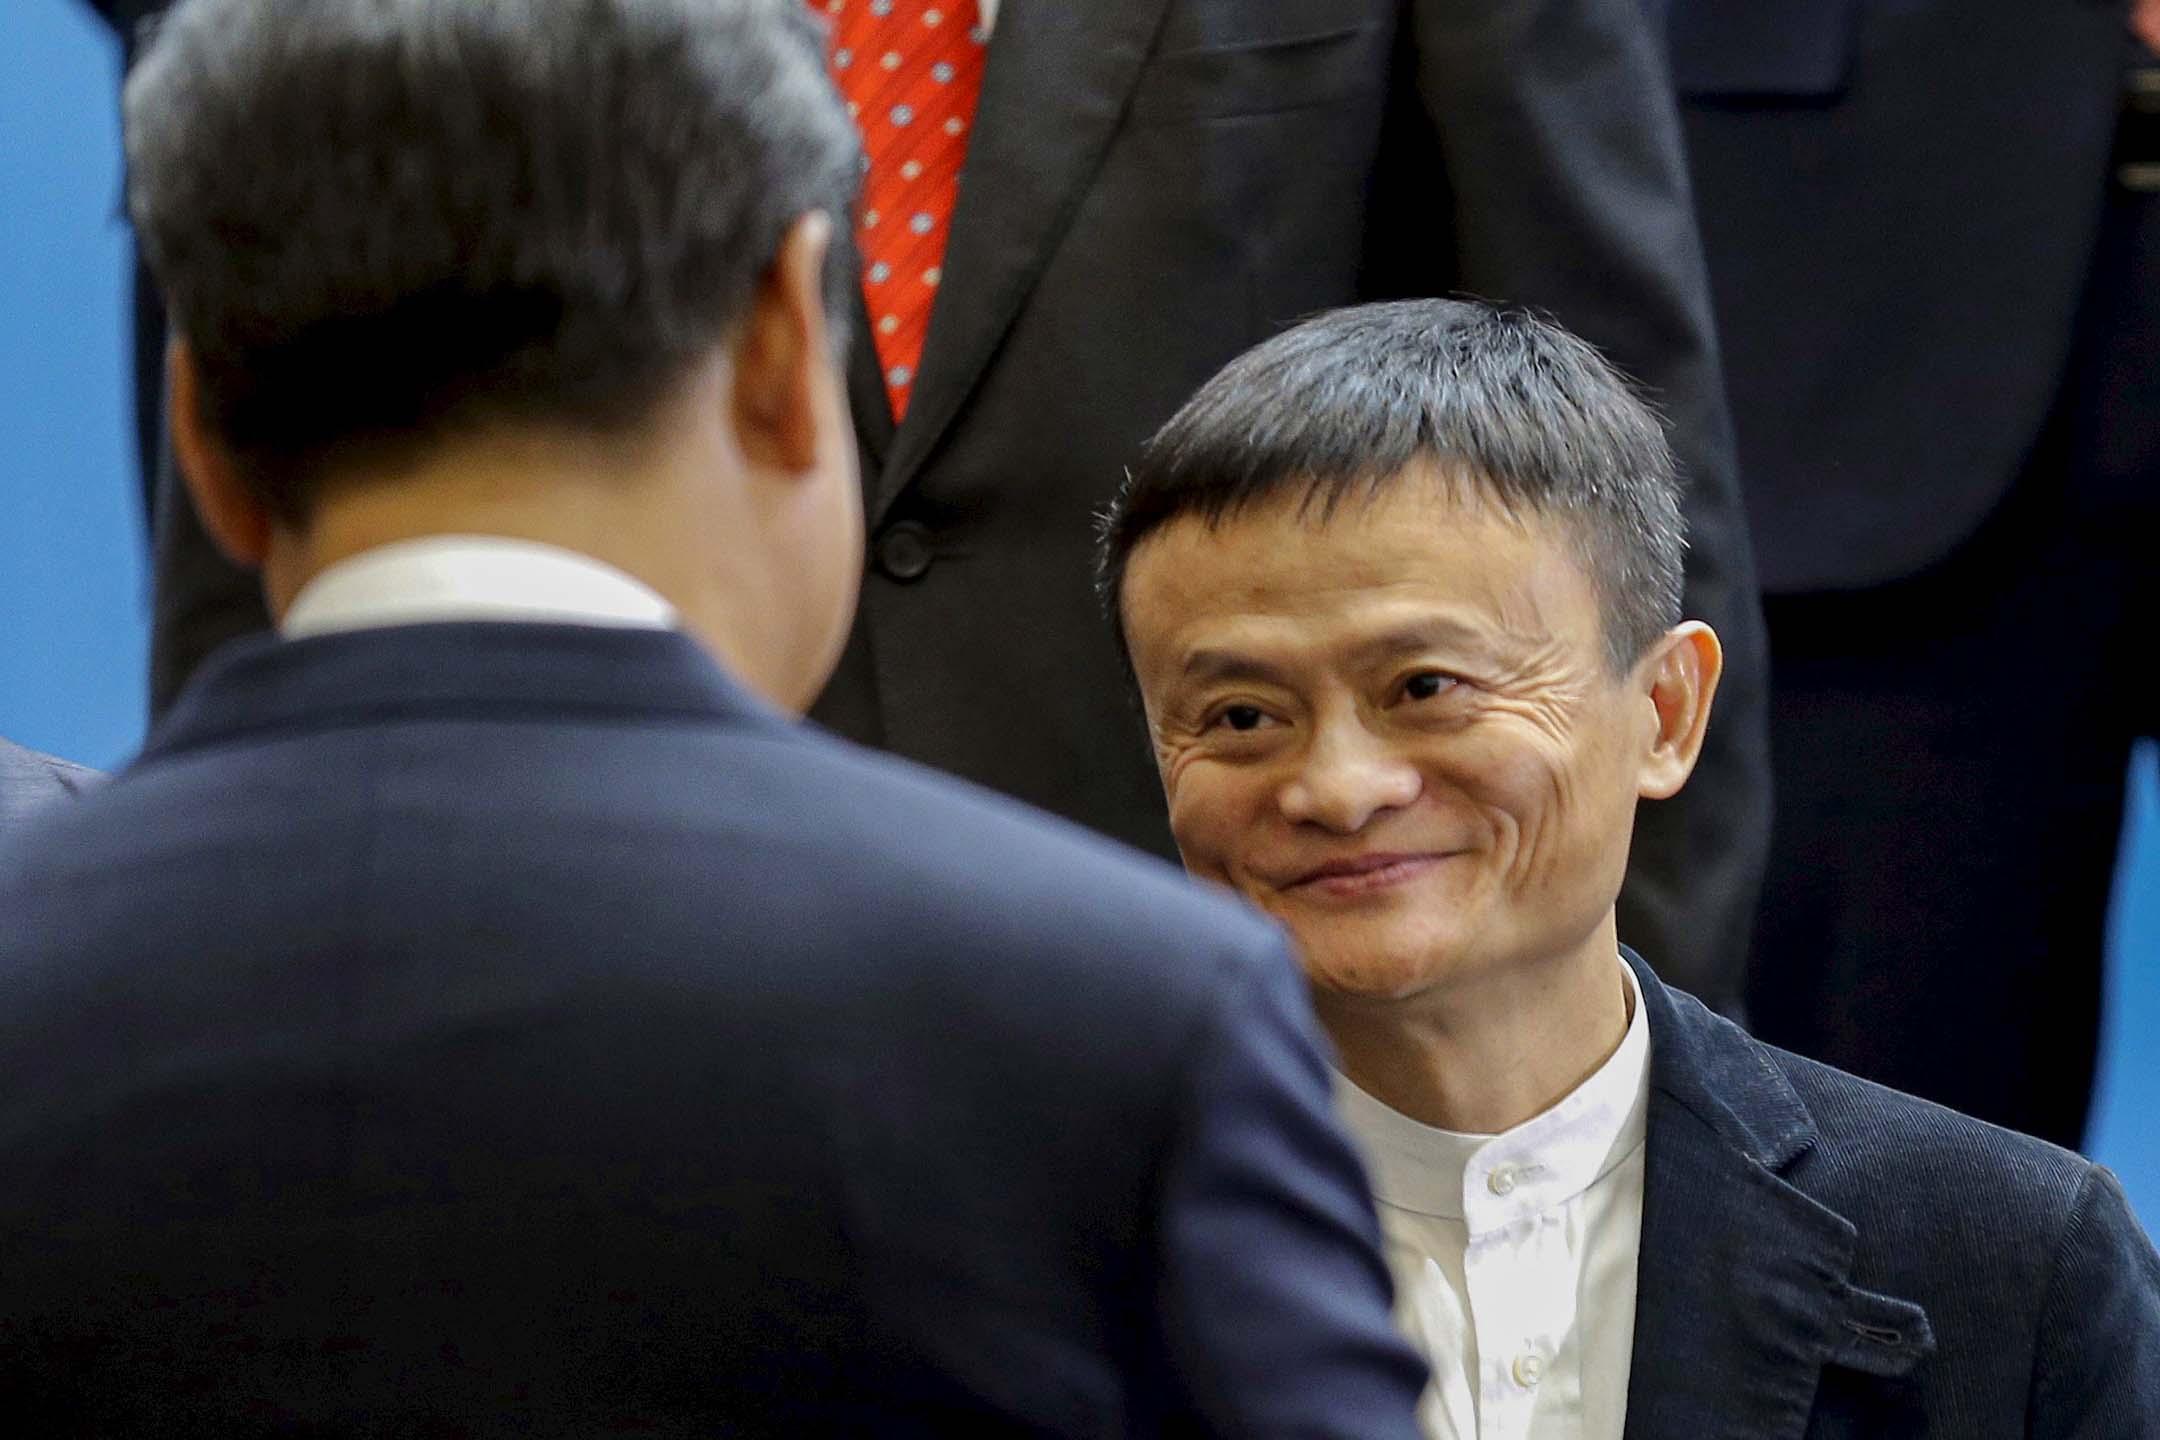 2015年9月23日華盛頓,中國國家主席習近平在微軟總部受到阿里巴巴創始人馬雲(右)的歡迎。